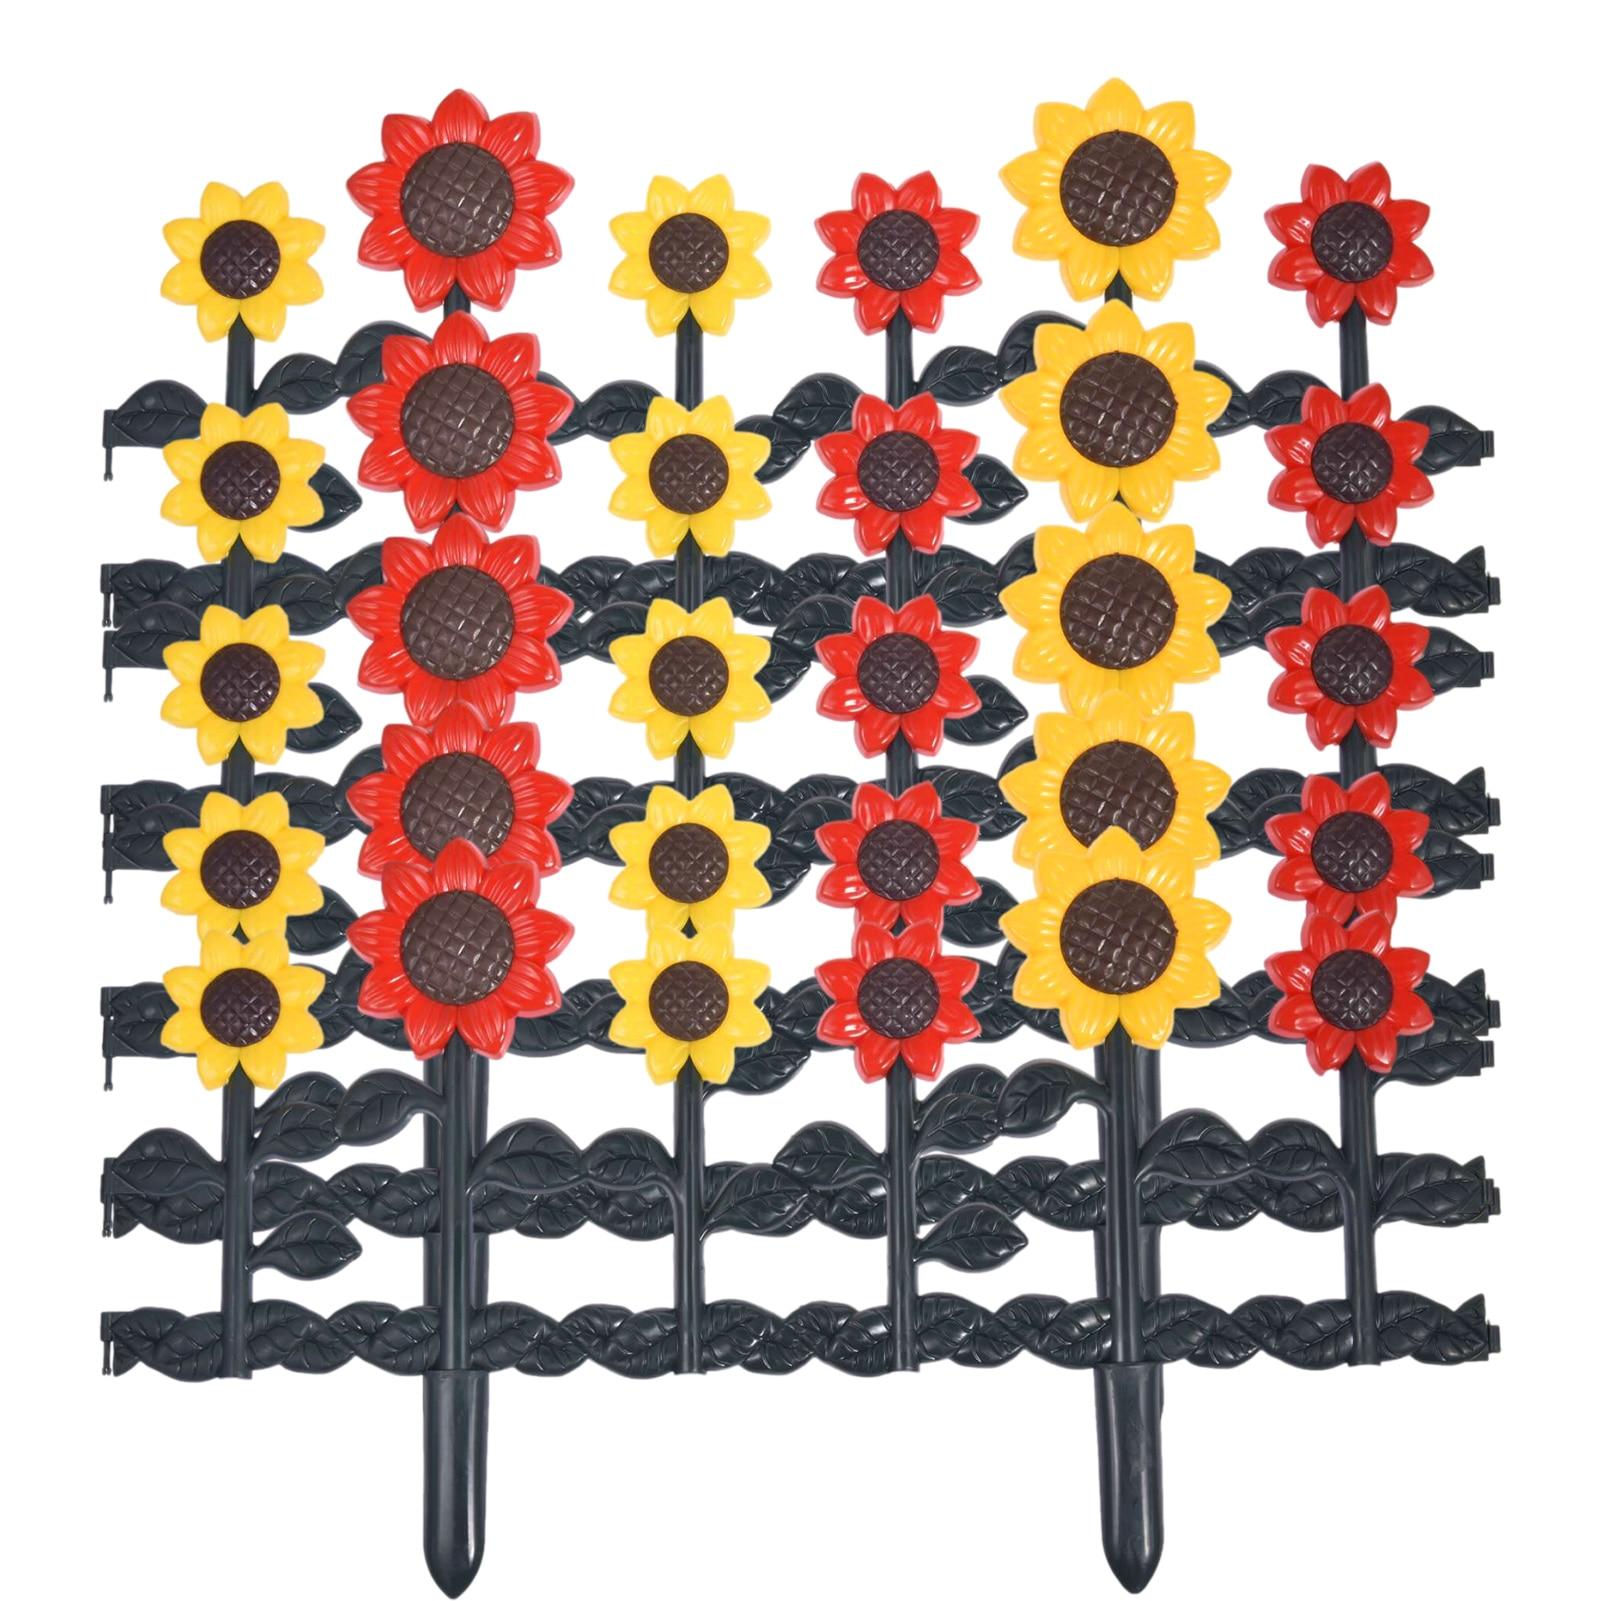 5 قطعة عباد الشمس البلاستيك متفوقا حديقة سياج خشبي حدود النبات ساحة حديقة سياج حديقة الحلي سهلة التركيب ديكور المنزل